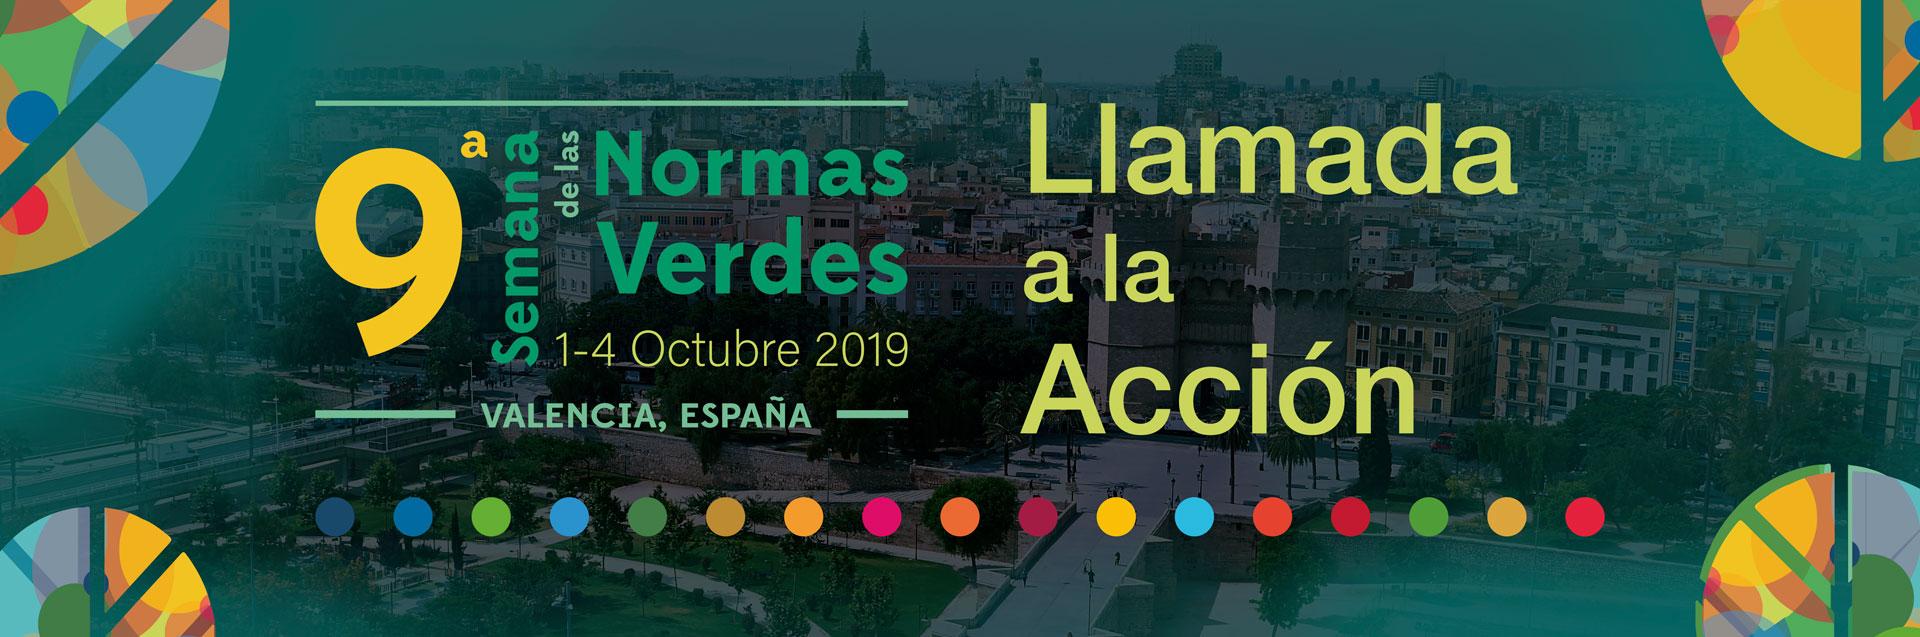 Llamada a la Acción en València